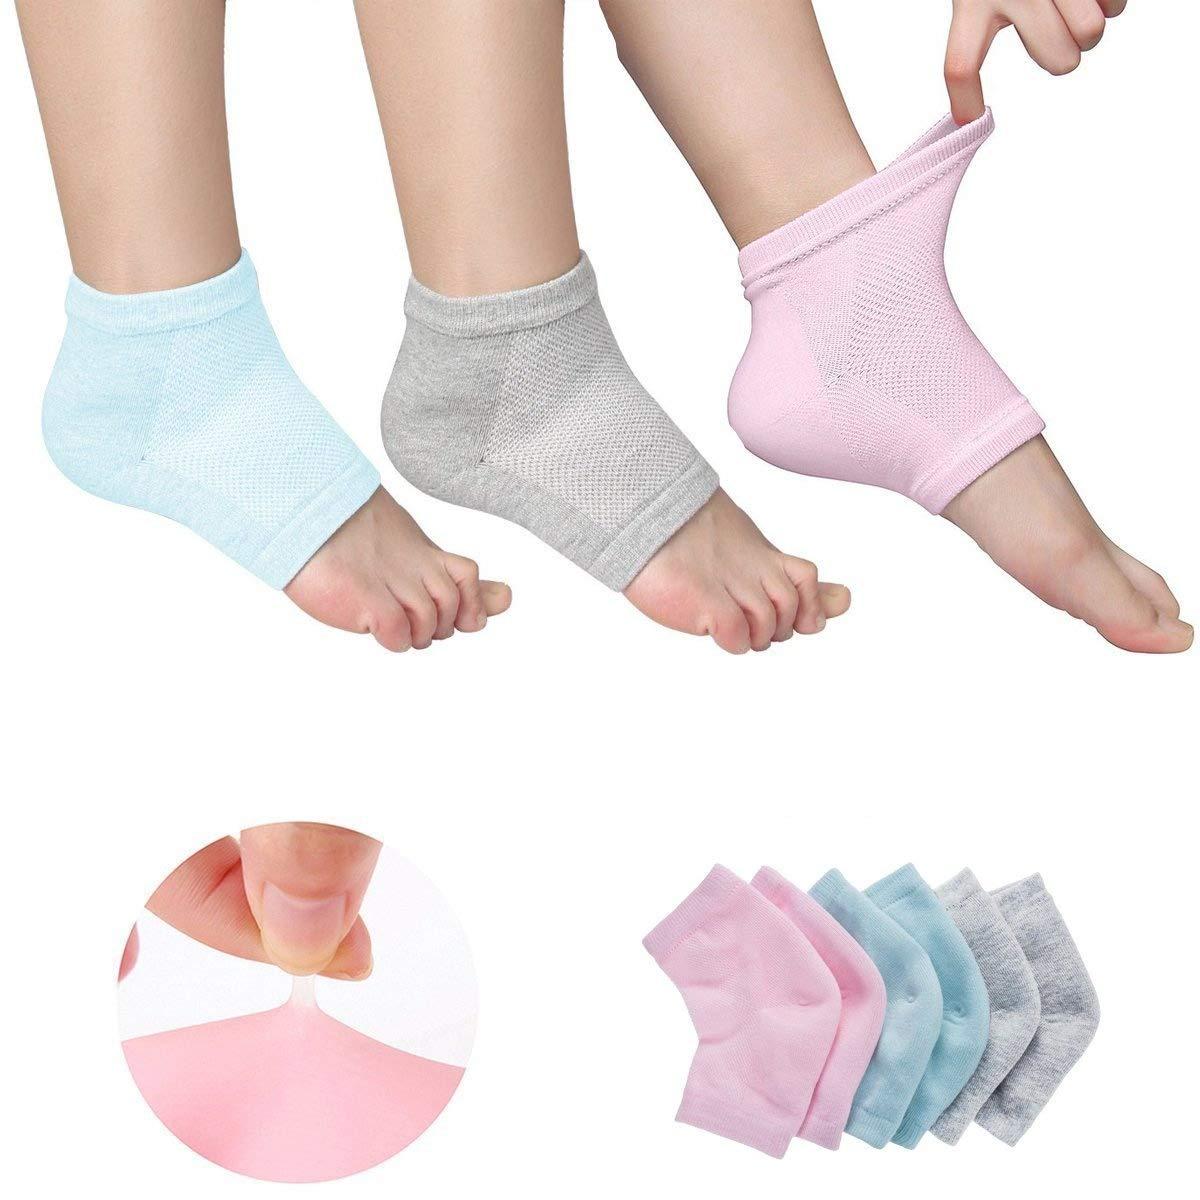 Ventilato gel idratante tallone calzini punta aperta Feet Care set Ultimate trattamento per la pelle secca dura Cracked con spa qualità botanico gel confezione da 3paia KENTY